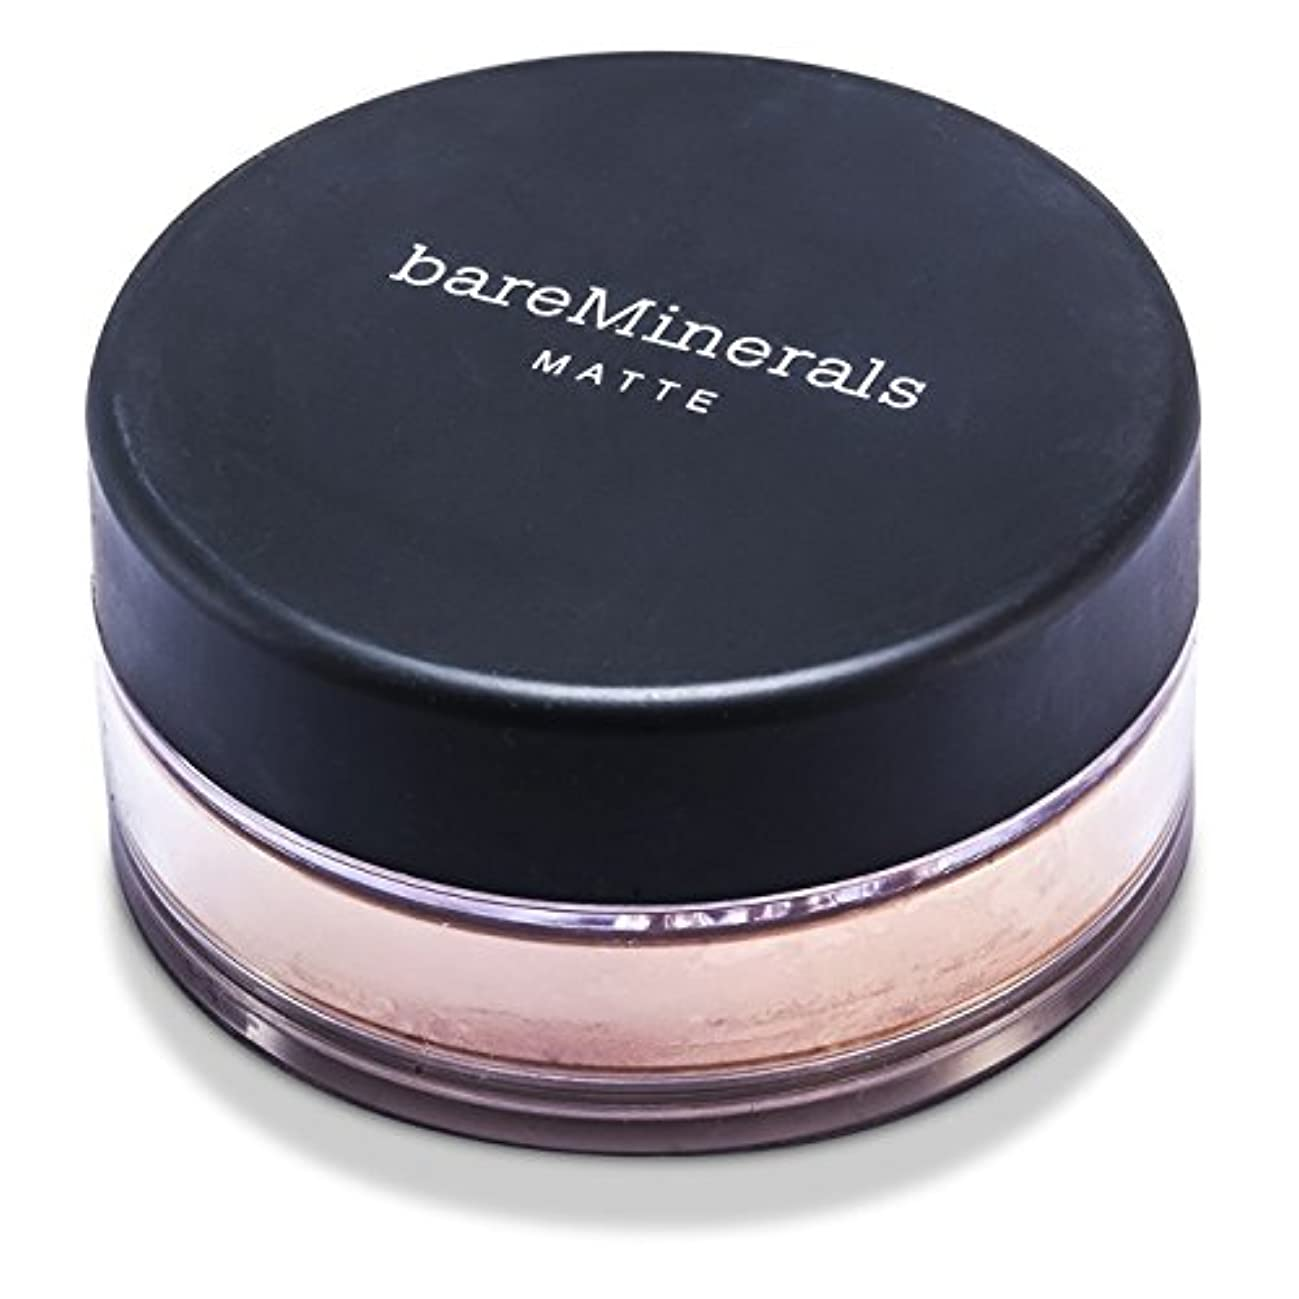 待つ起きている不道徳BareMinerals ベアミネラル マット ファンデーション SPF15 - Fairly Medium 6g/0.21oz並行輸入品